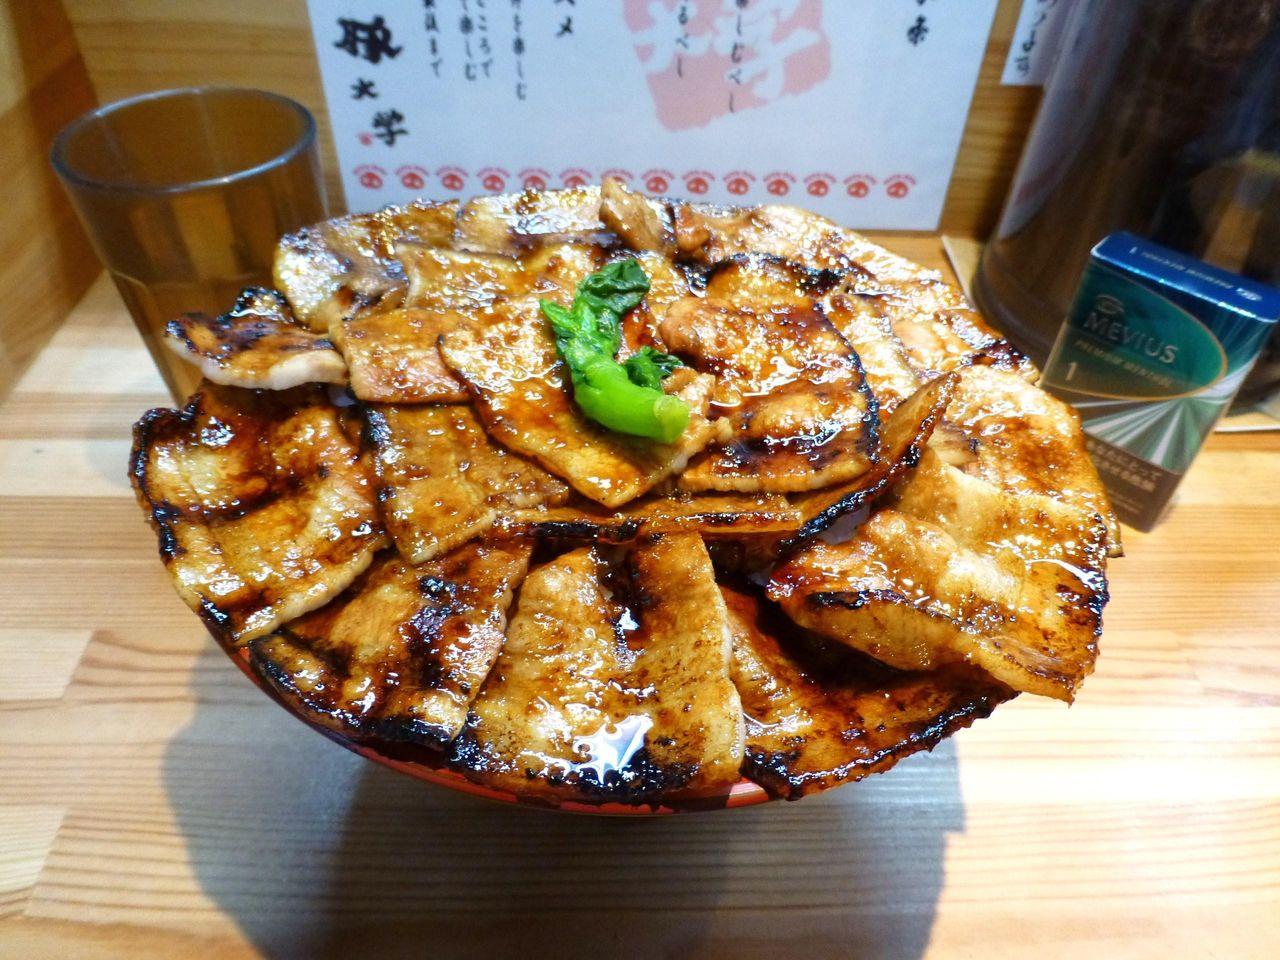 見るからに美味しそうな、豚丼大学院1キロ1,020円